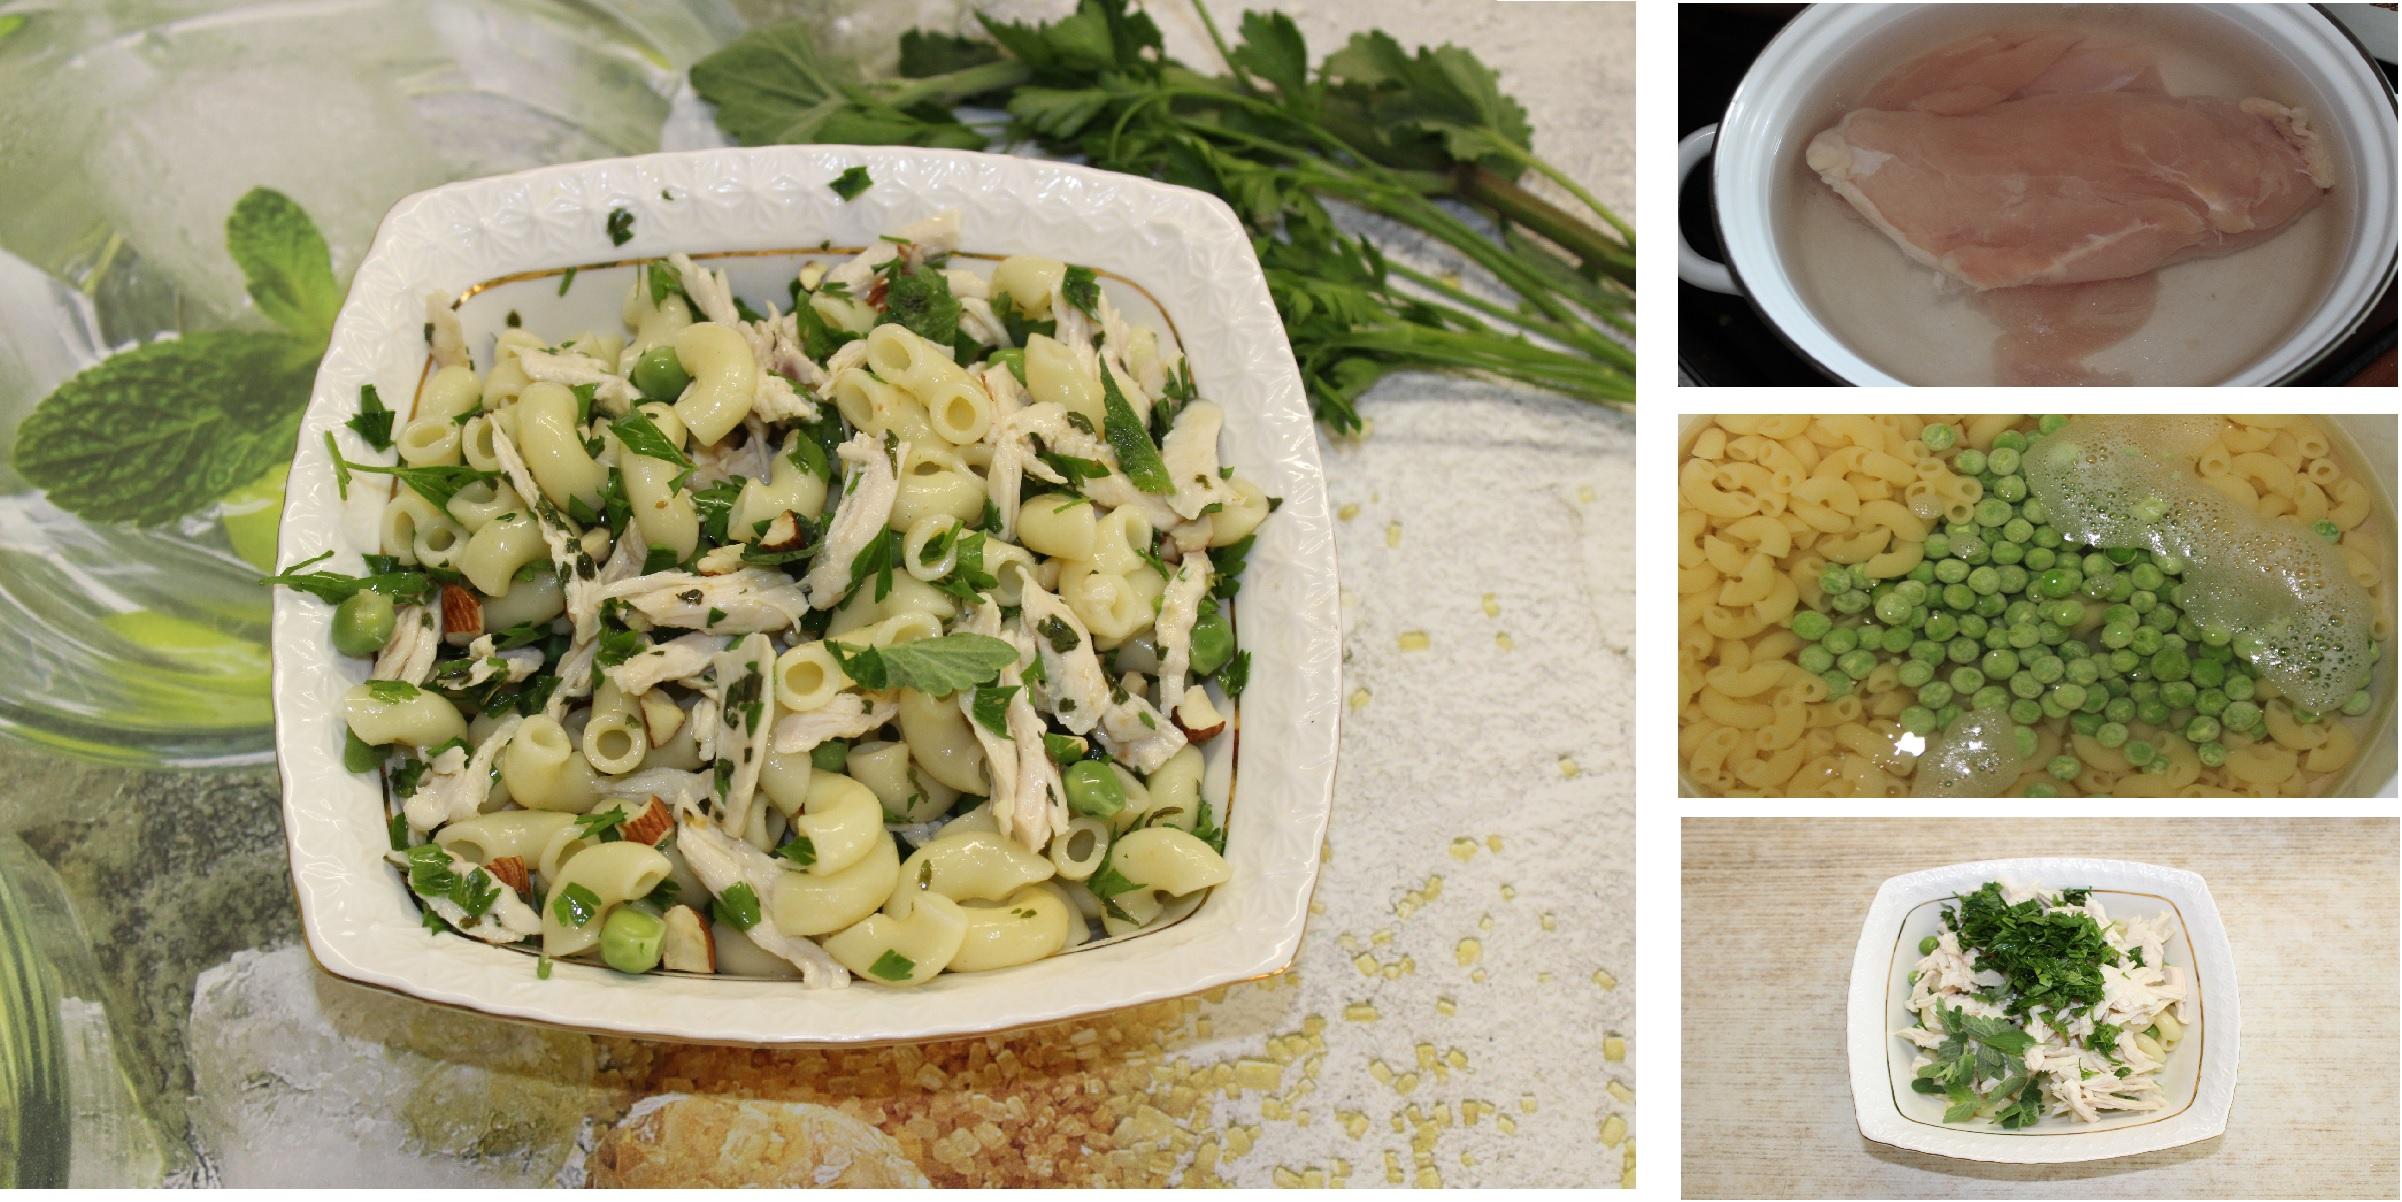 Диетический салат с пастой, горошком и лимоном